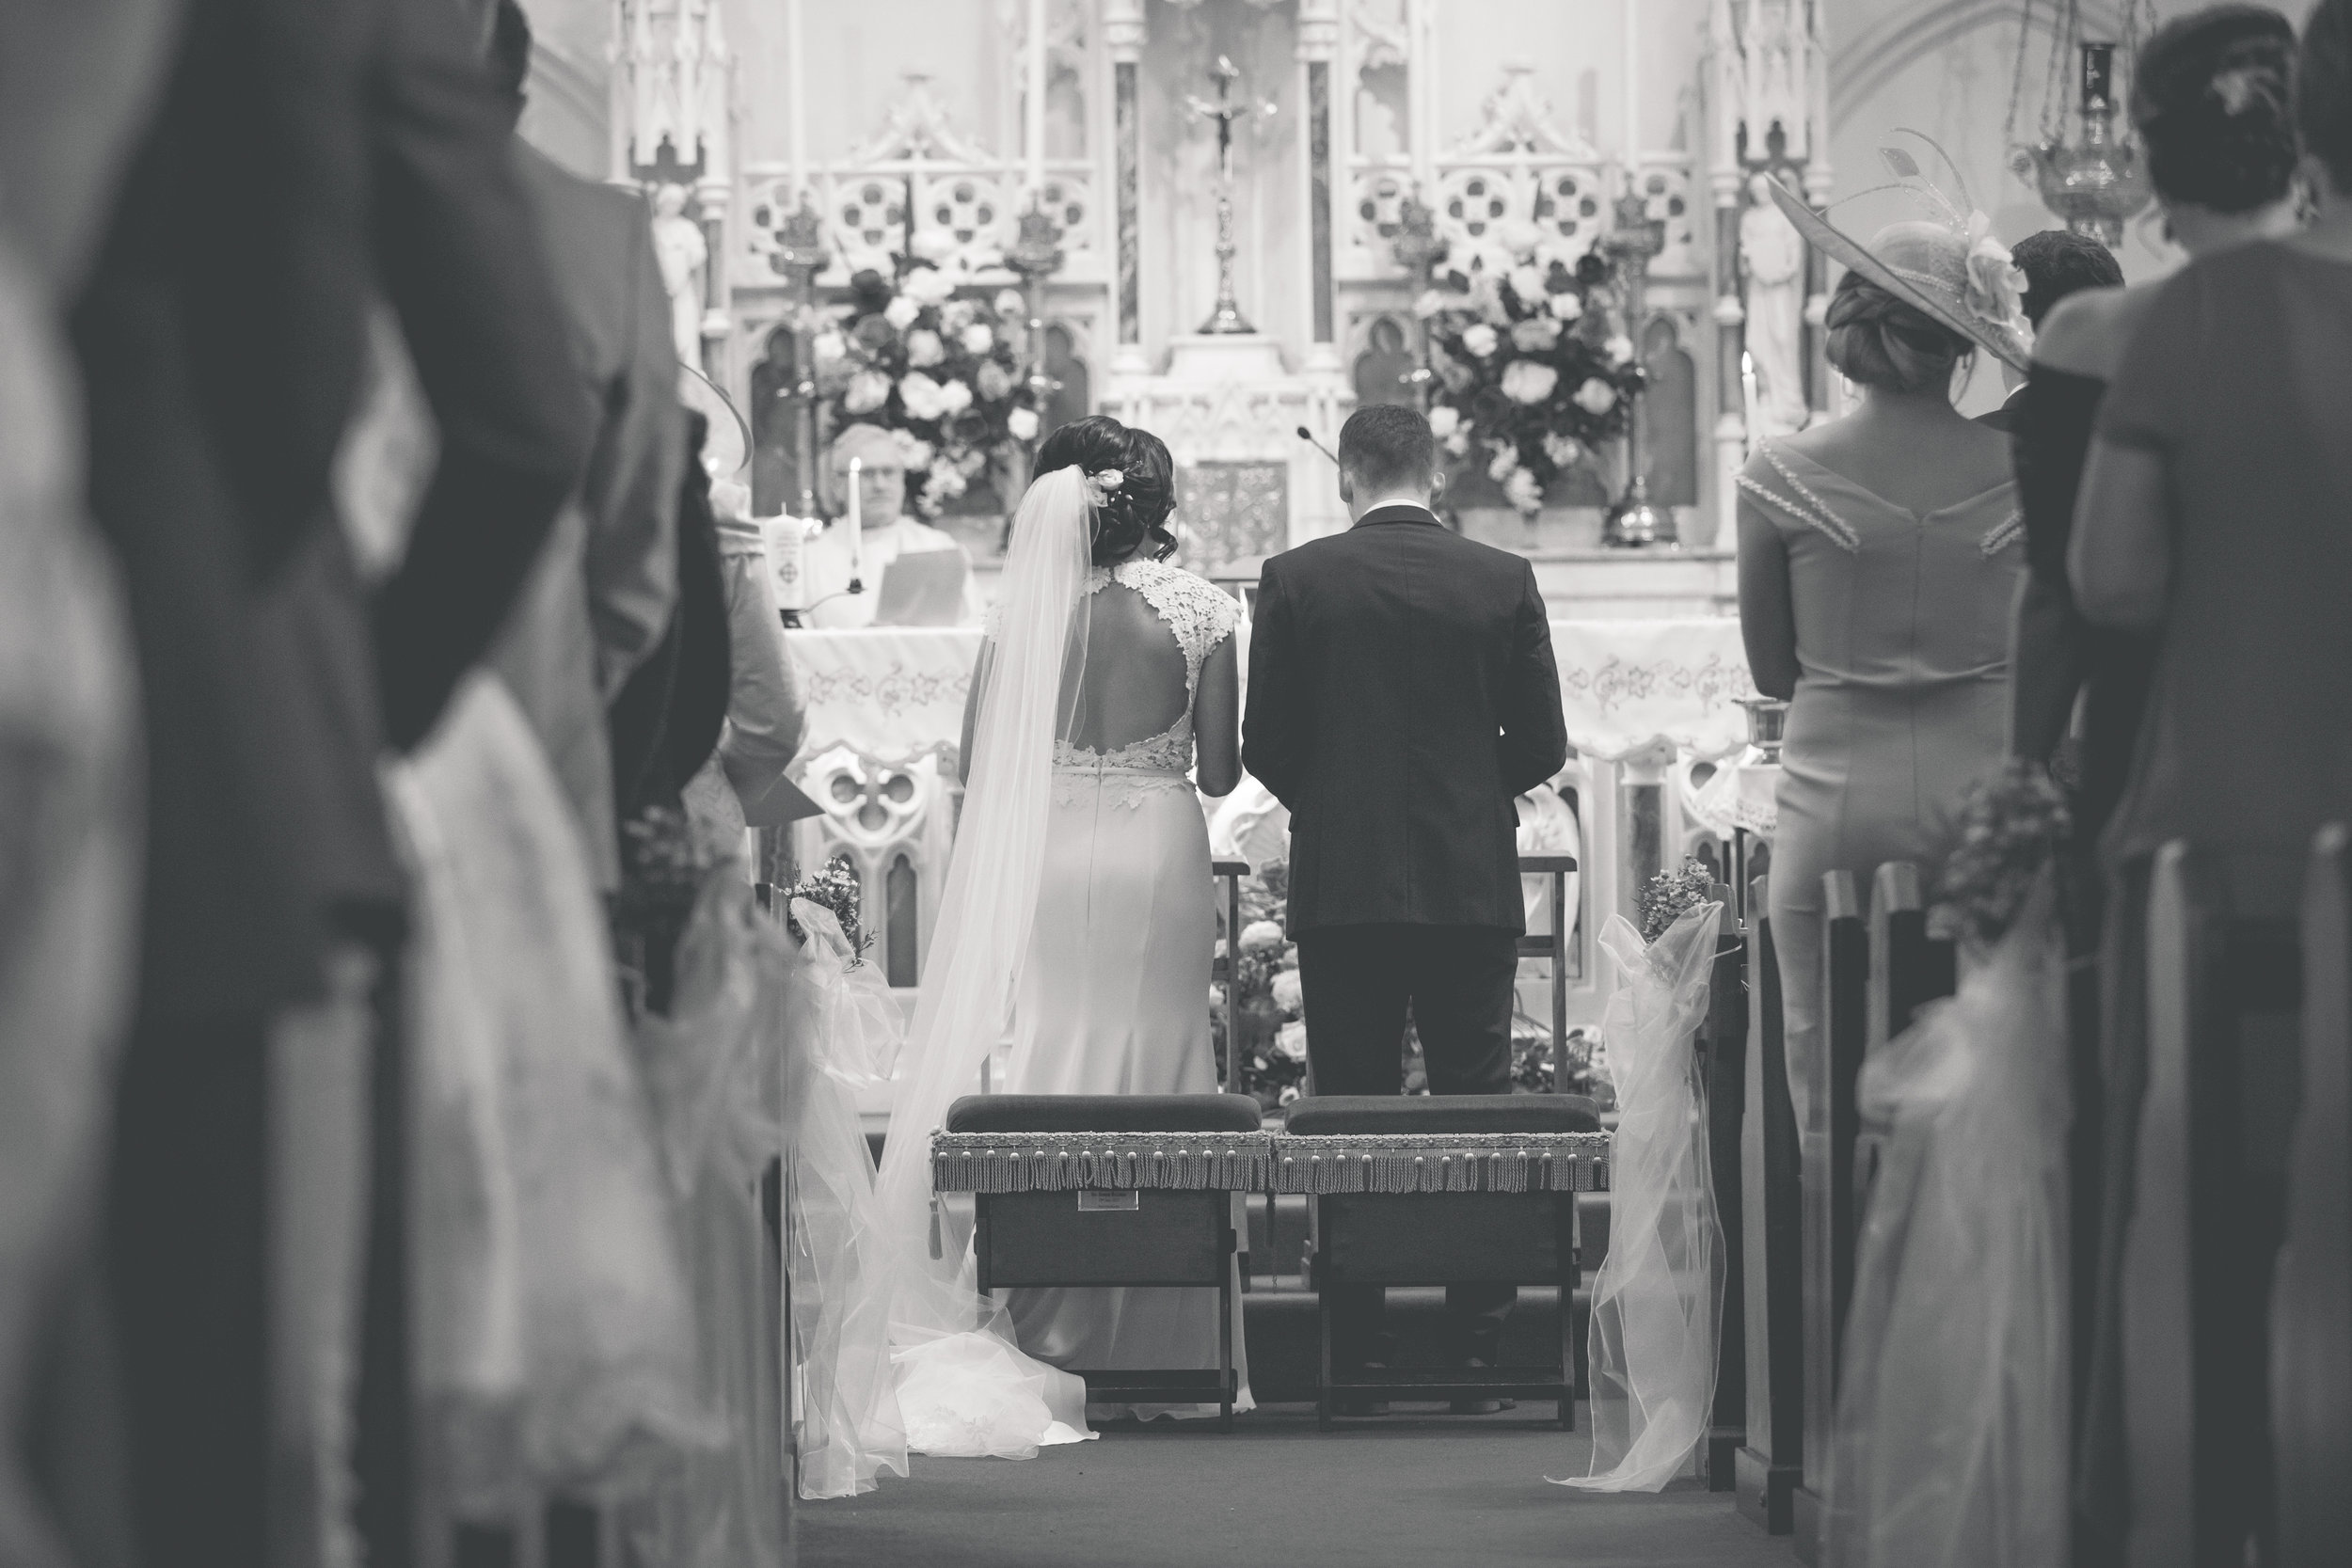 Brian McEwan Wedding Photography   Carol-Anne & Sean   The Ceremony-31.jpg